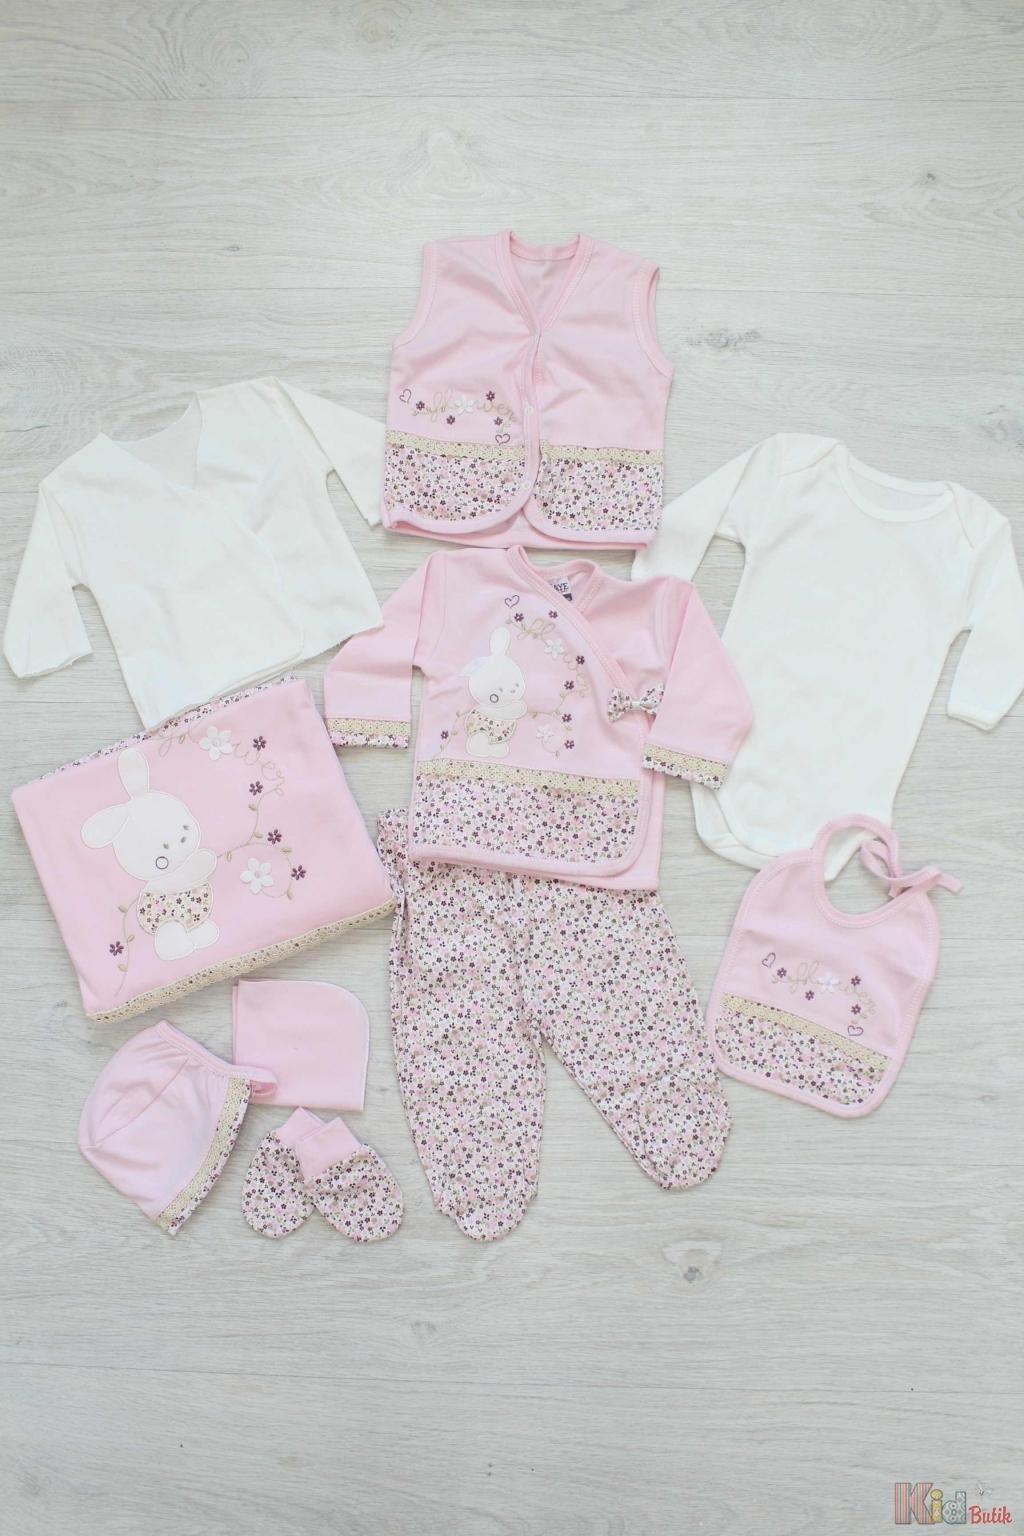 ᐈ Подарункові комплекти для новонароджених купити в інтернет магазині  KidButik™ ➔ Вигідна ціна! Подарункові комплекти для новонароджених з  доставкою по ... 580b4338e8879